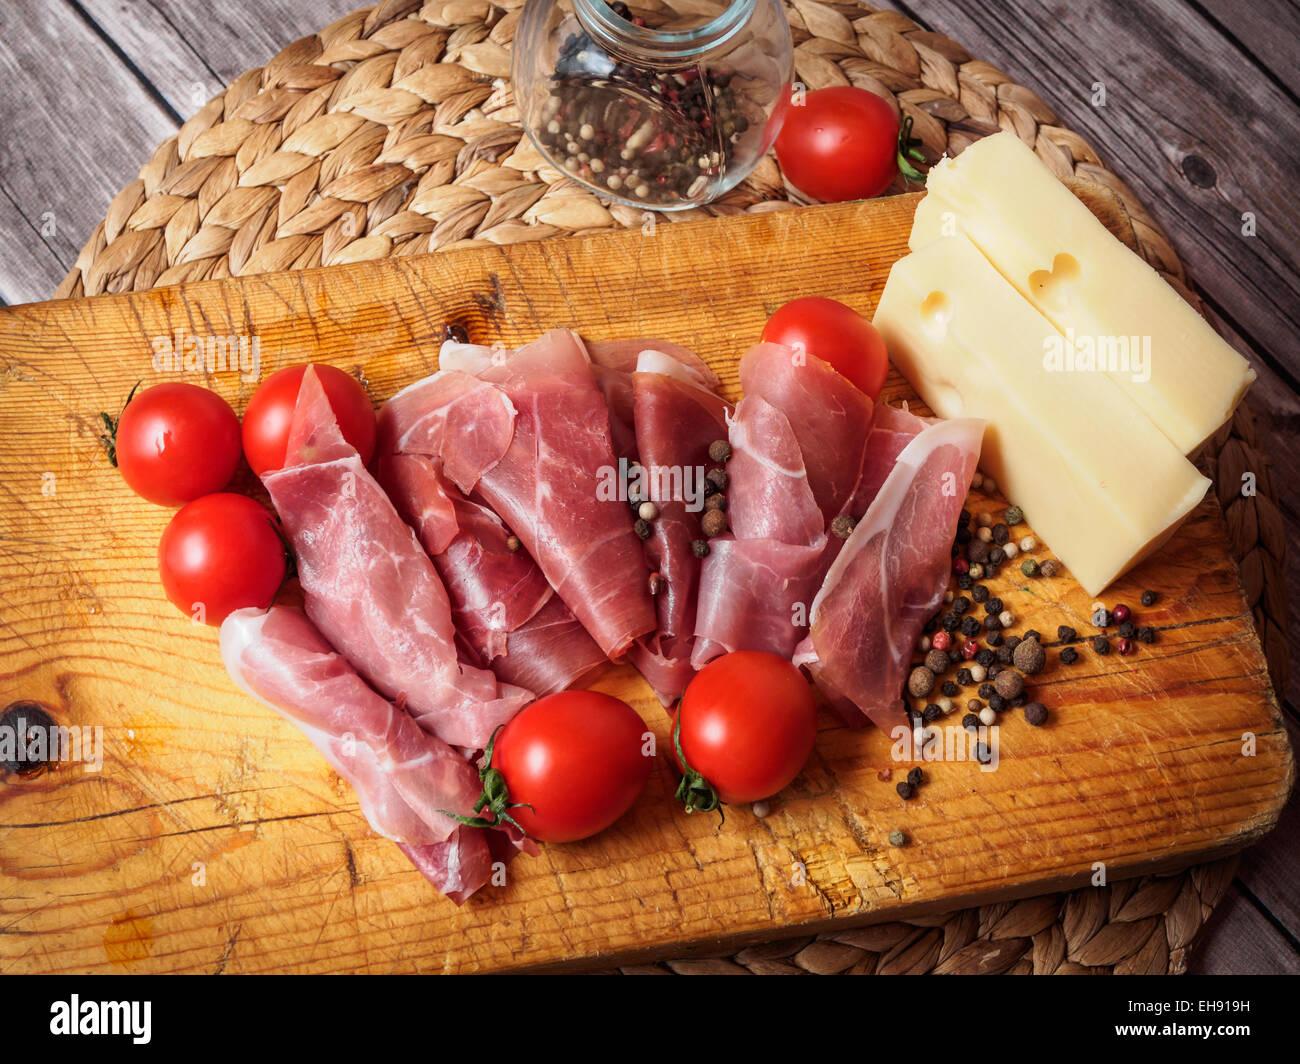 Prosciutto - Stock Image